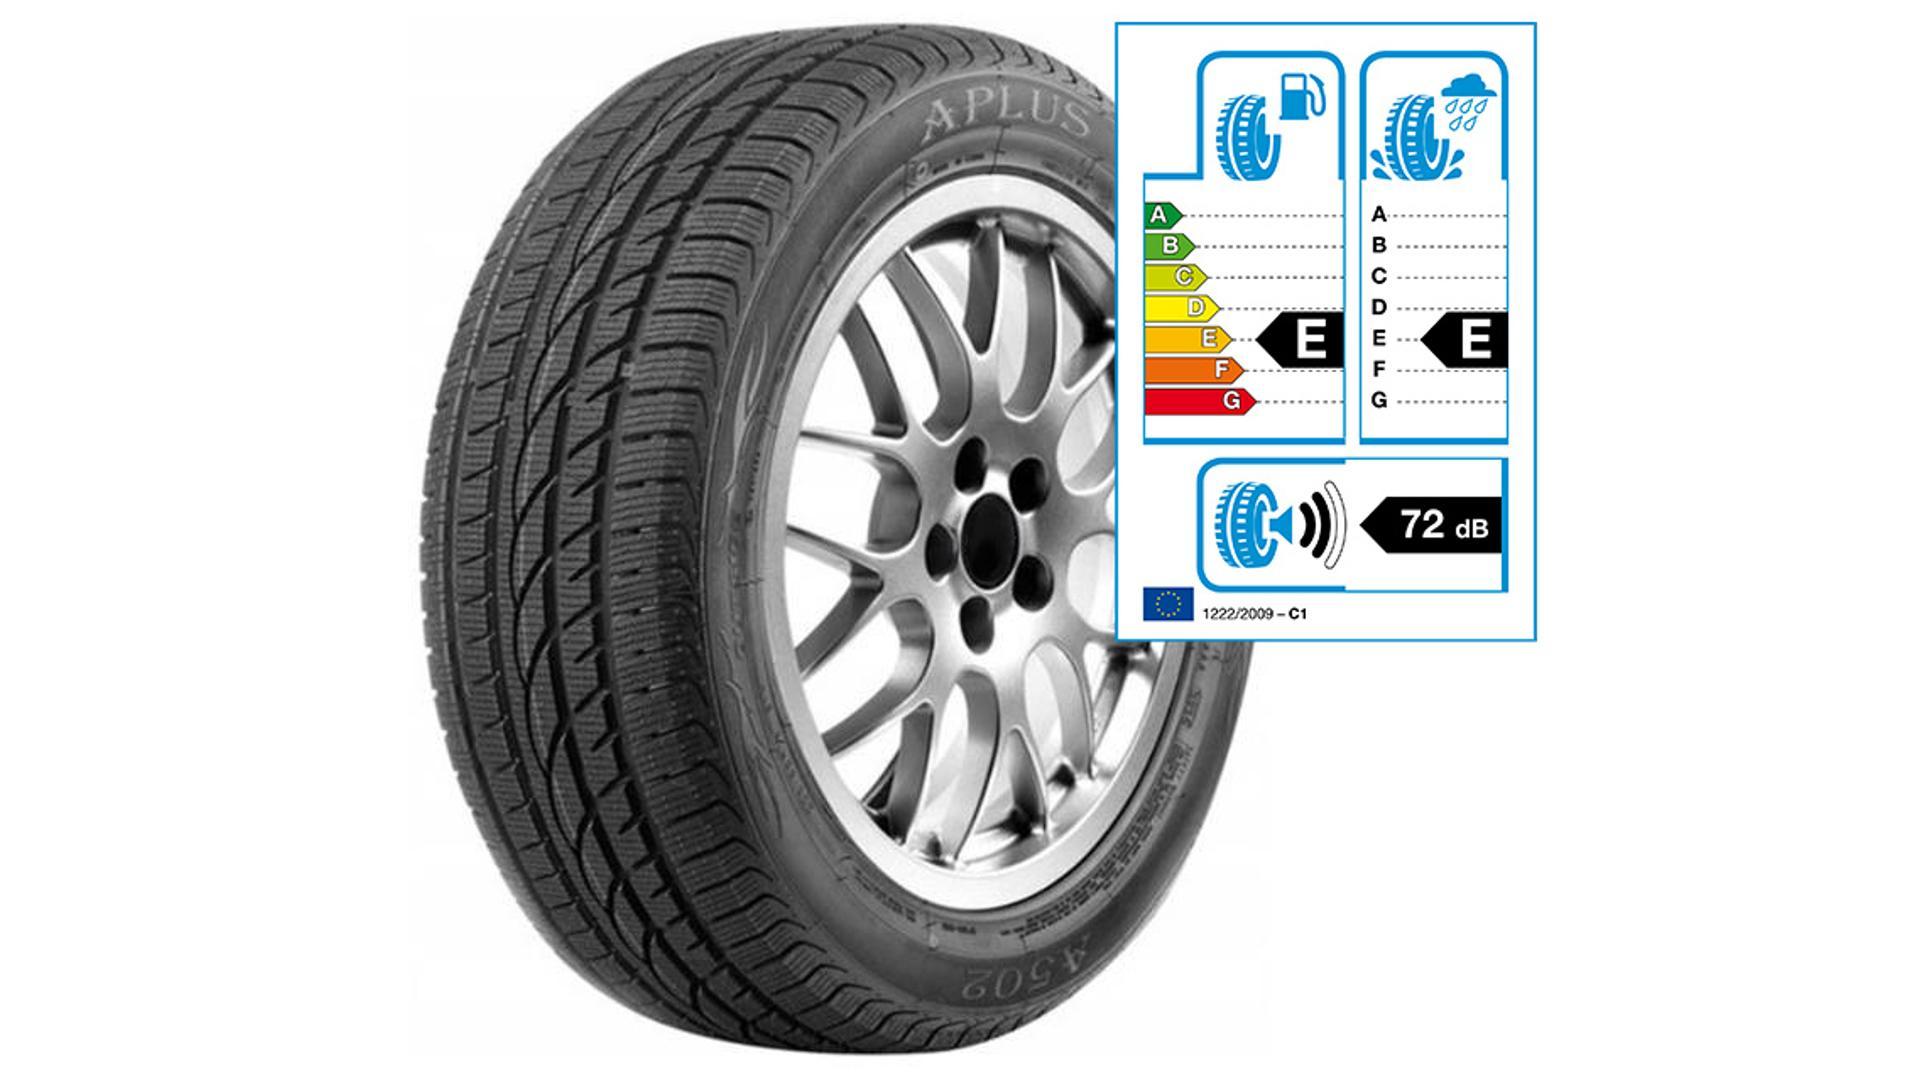 A502 Zimná pneumatika 215/55R16 97HXL